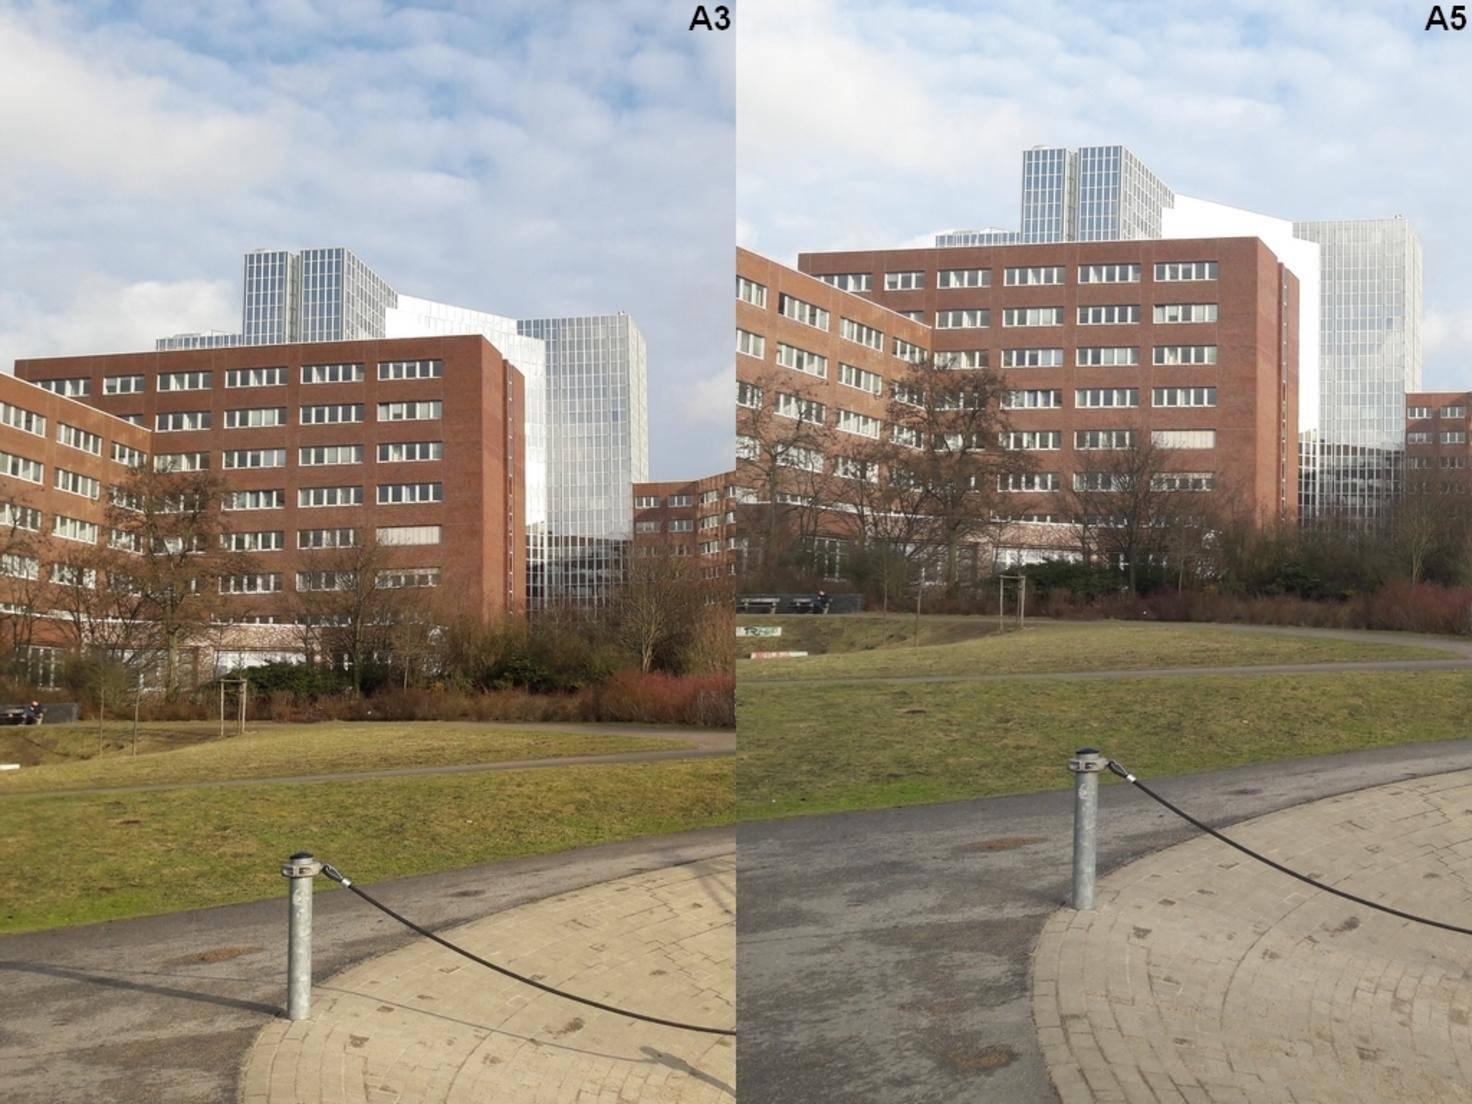 Im direkten Vergleich zeigt sich: Bei der Foto-Qualität gibt es keine Unterschiede.